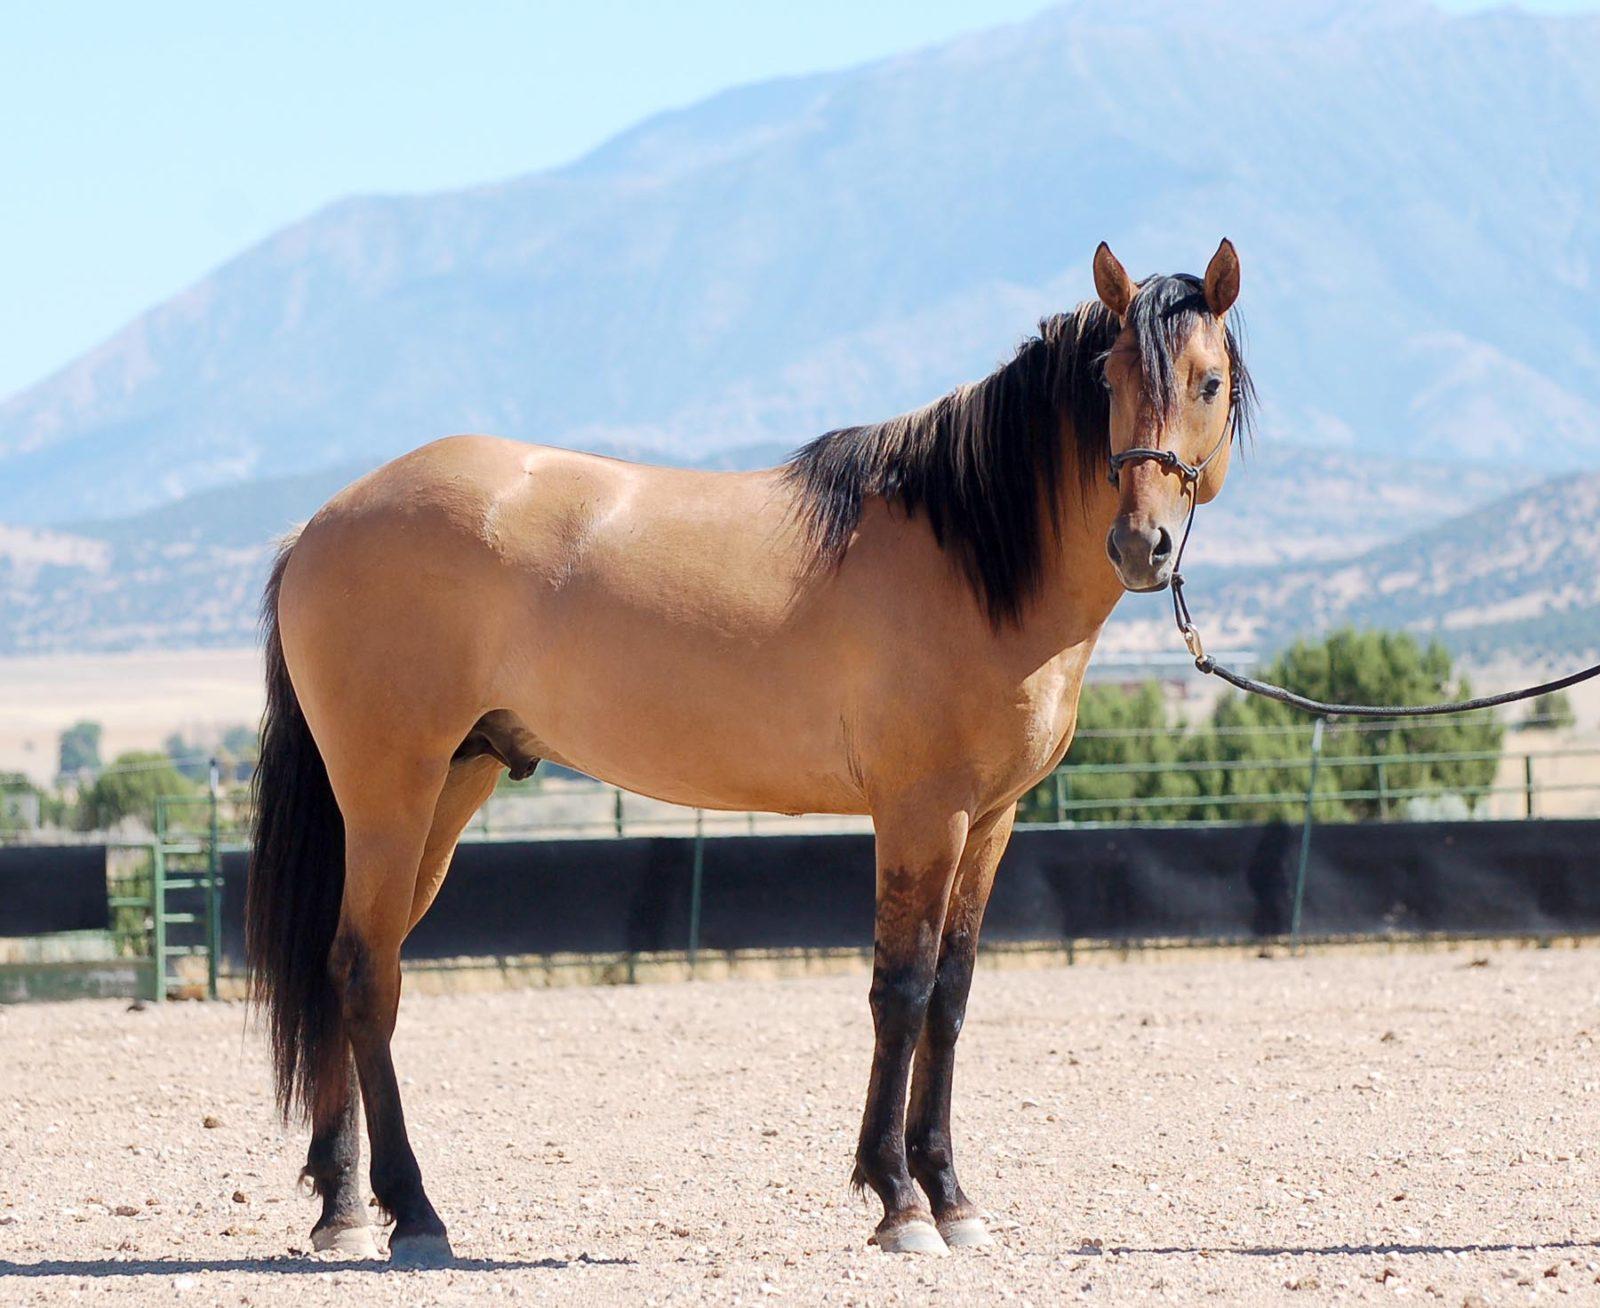 Ameritano 2016 stallion